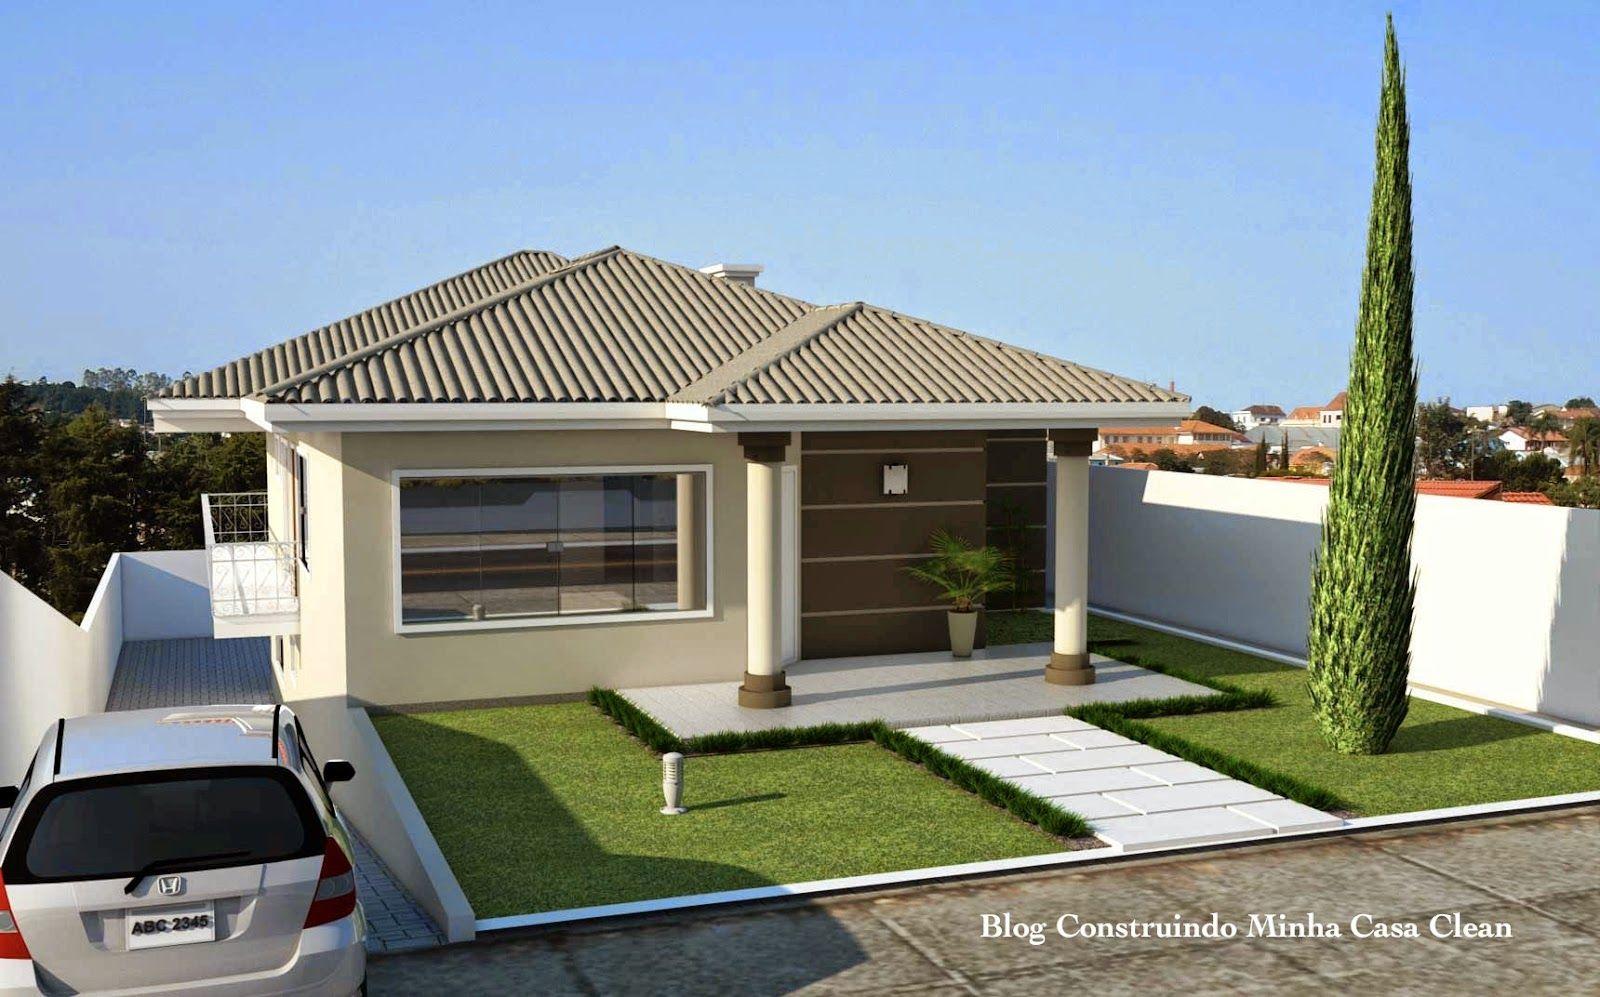 Construindo minha casa clean fachadas de casas em for Modelos casas modernas para construir